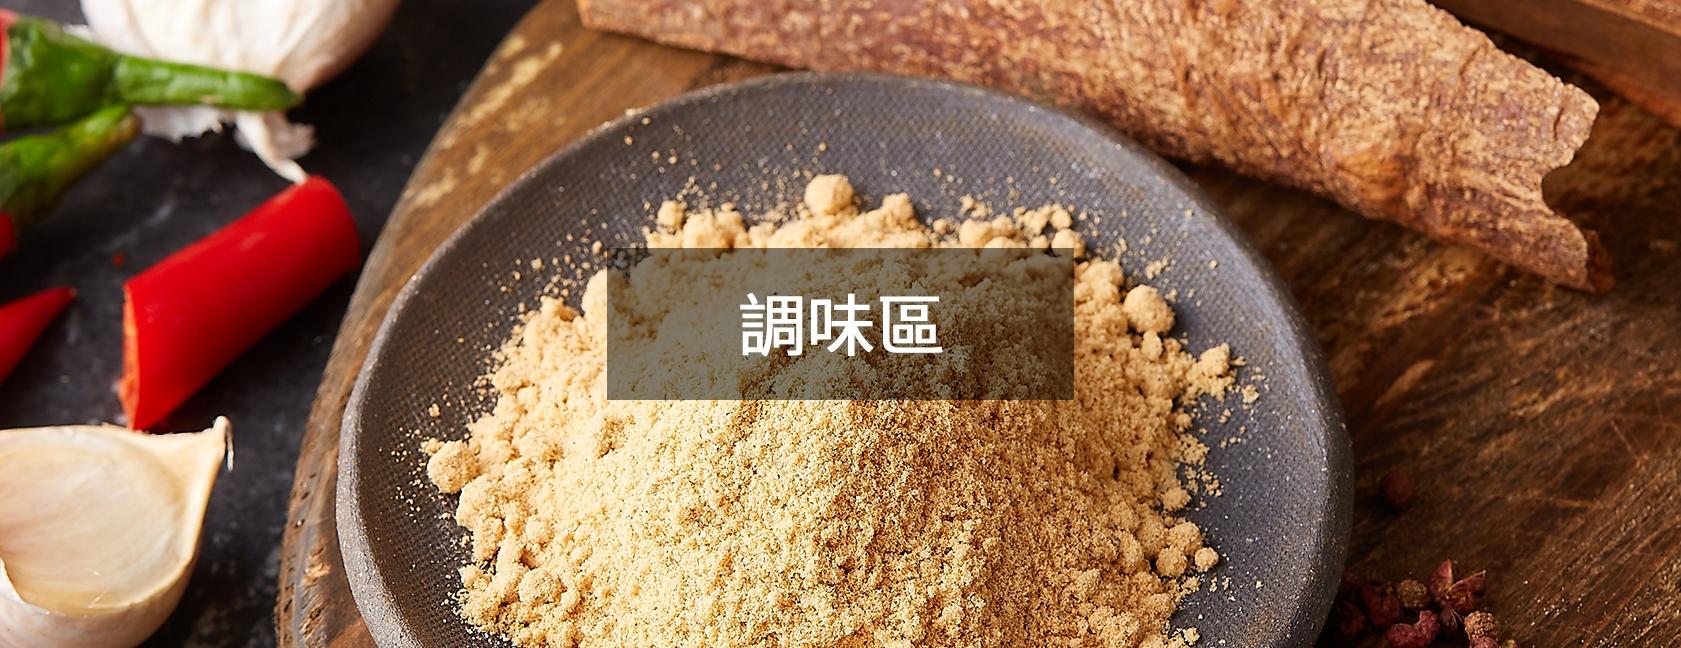 常溫-調味區(胡椒、鹽)